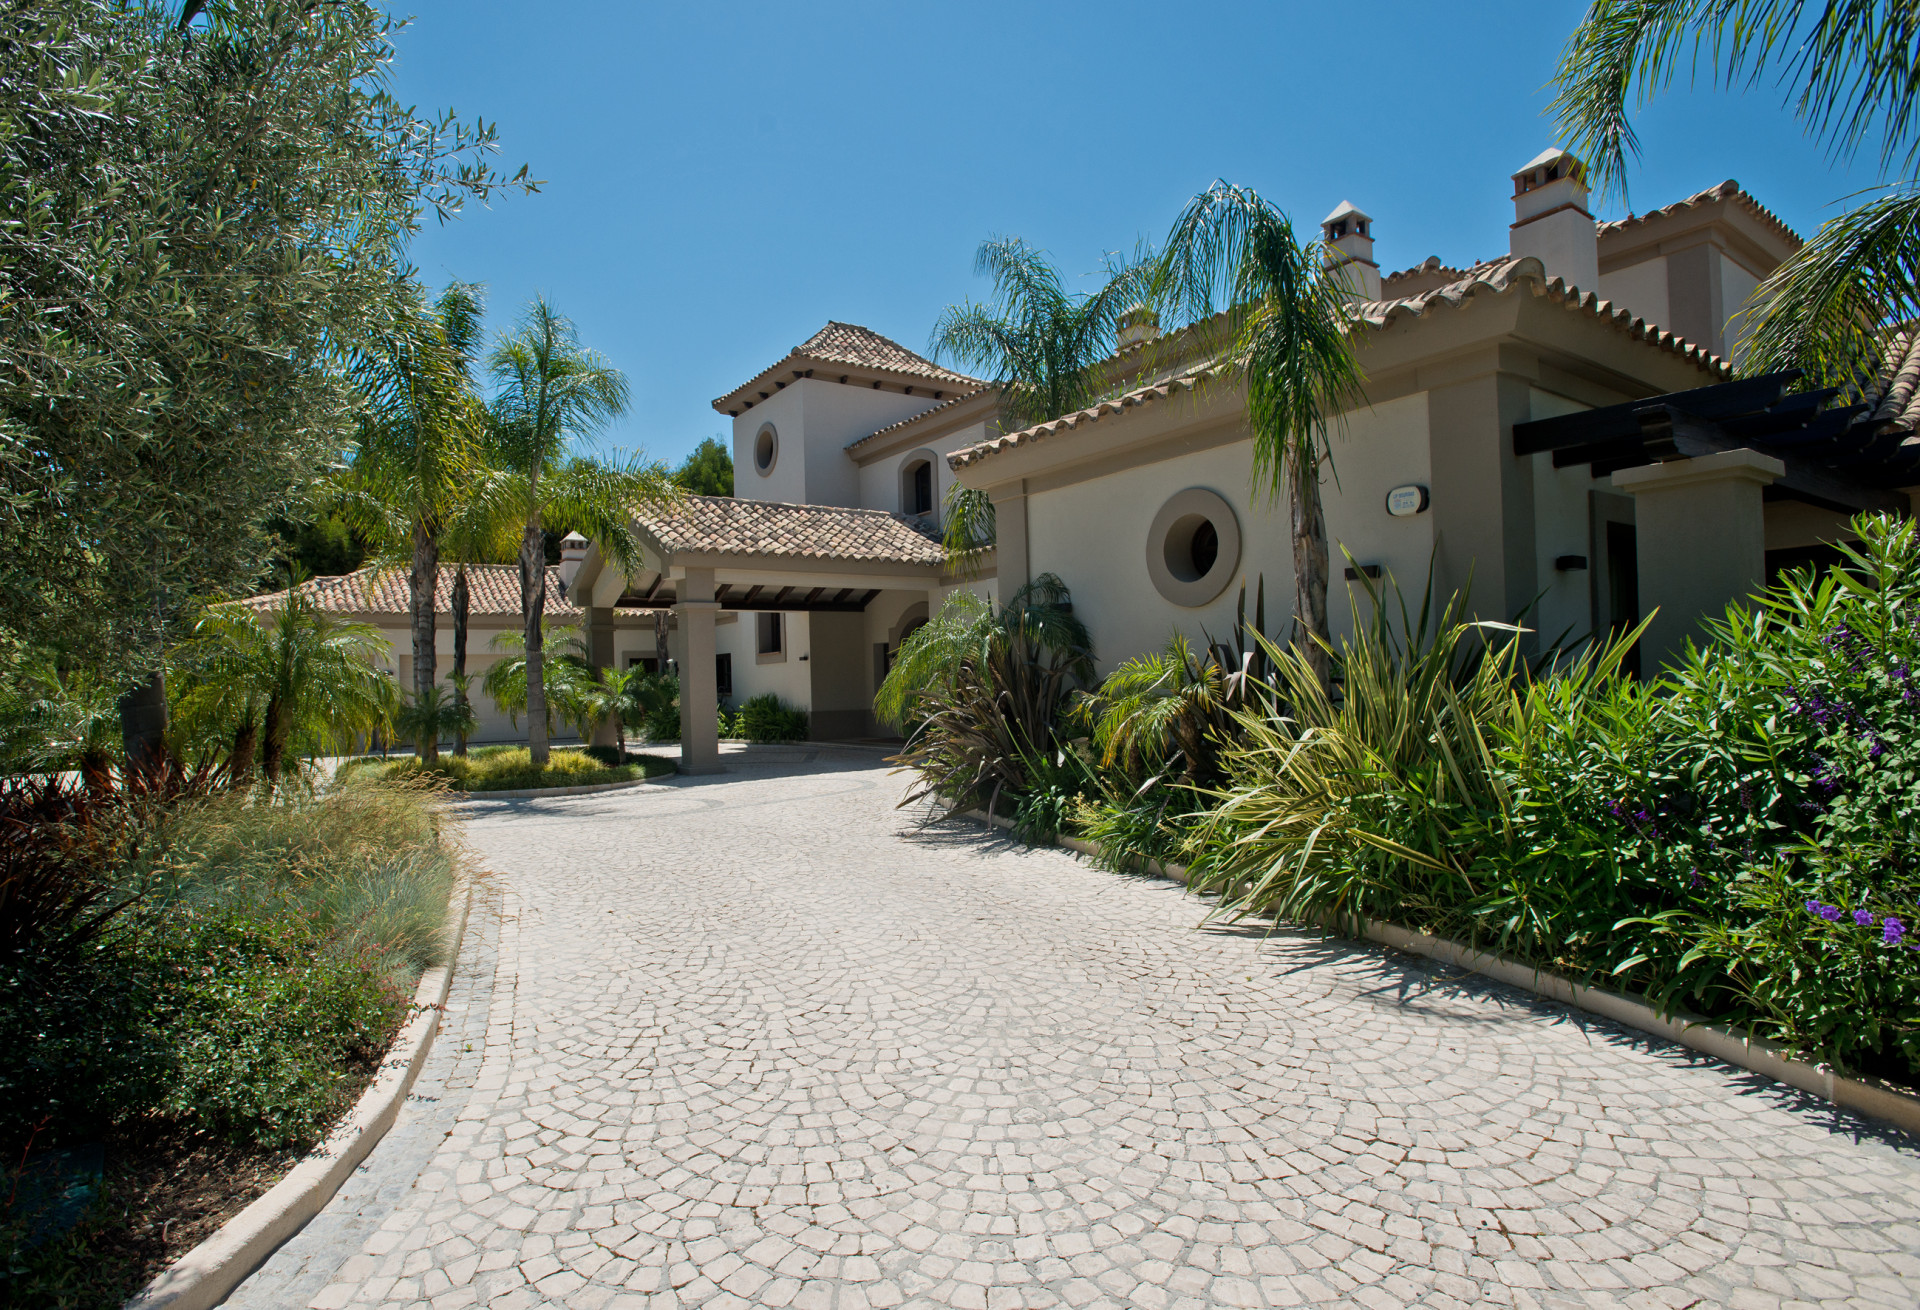 ARFV1941 - Hochherrschaftliche Villa mit Panoramablick zu verkaufen in La Zagaleta in Benahavis